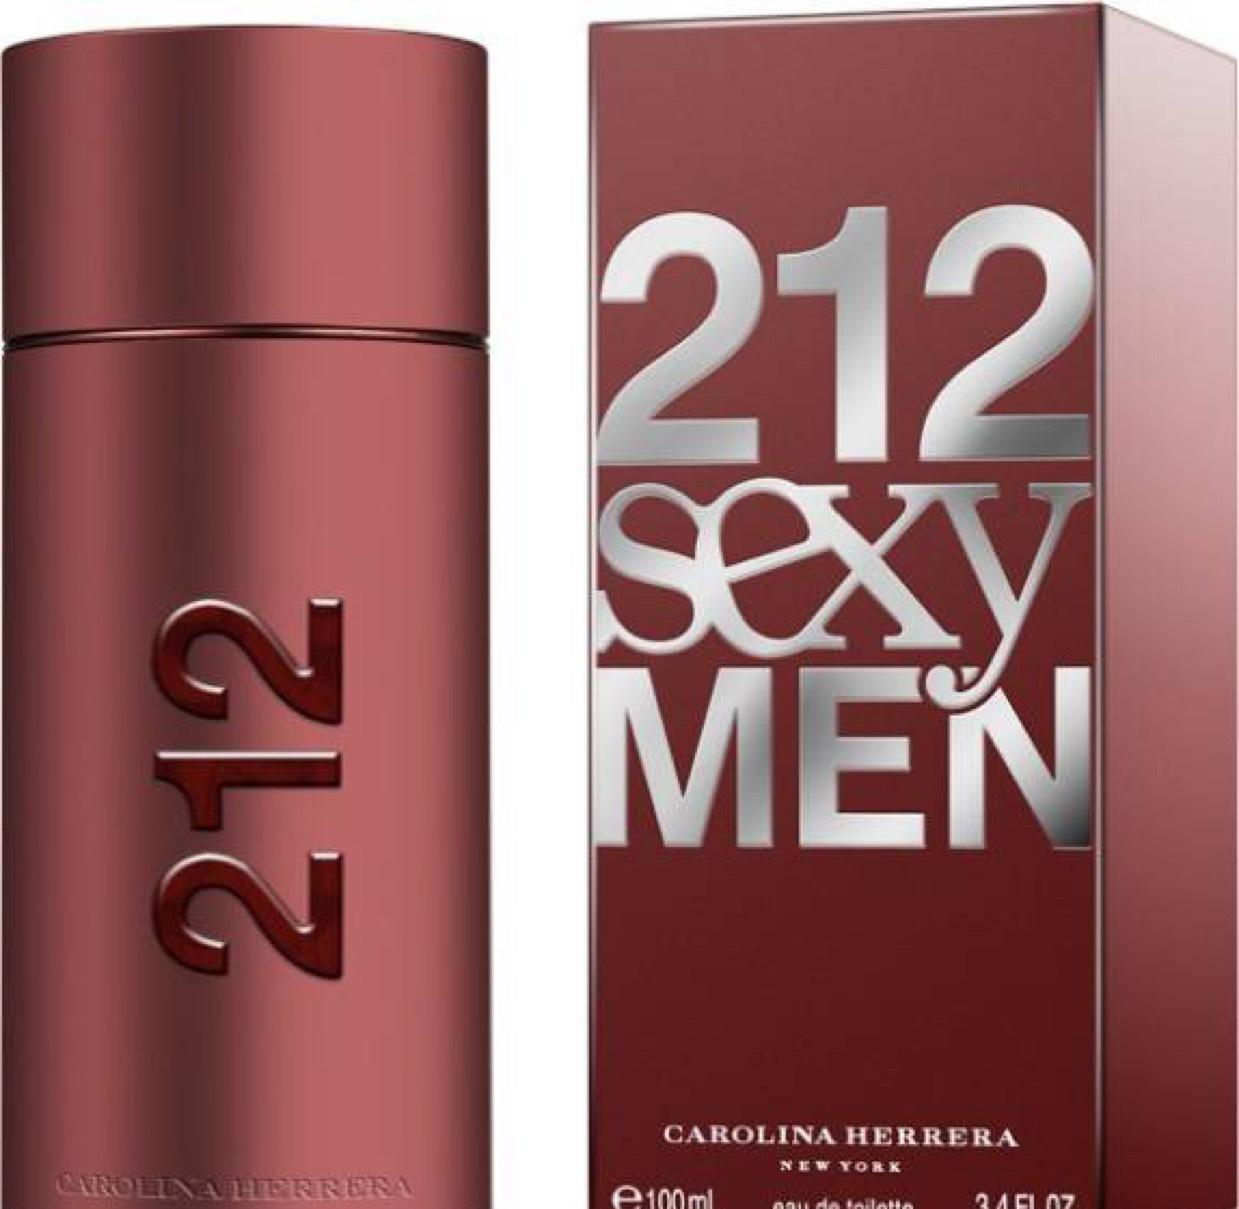 Carolina Herrera  212 sexy men  Eau De Toilette 100ml £28.79 - Amazon